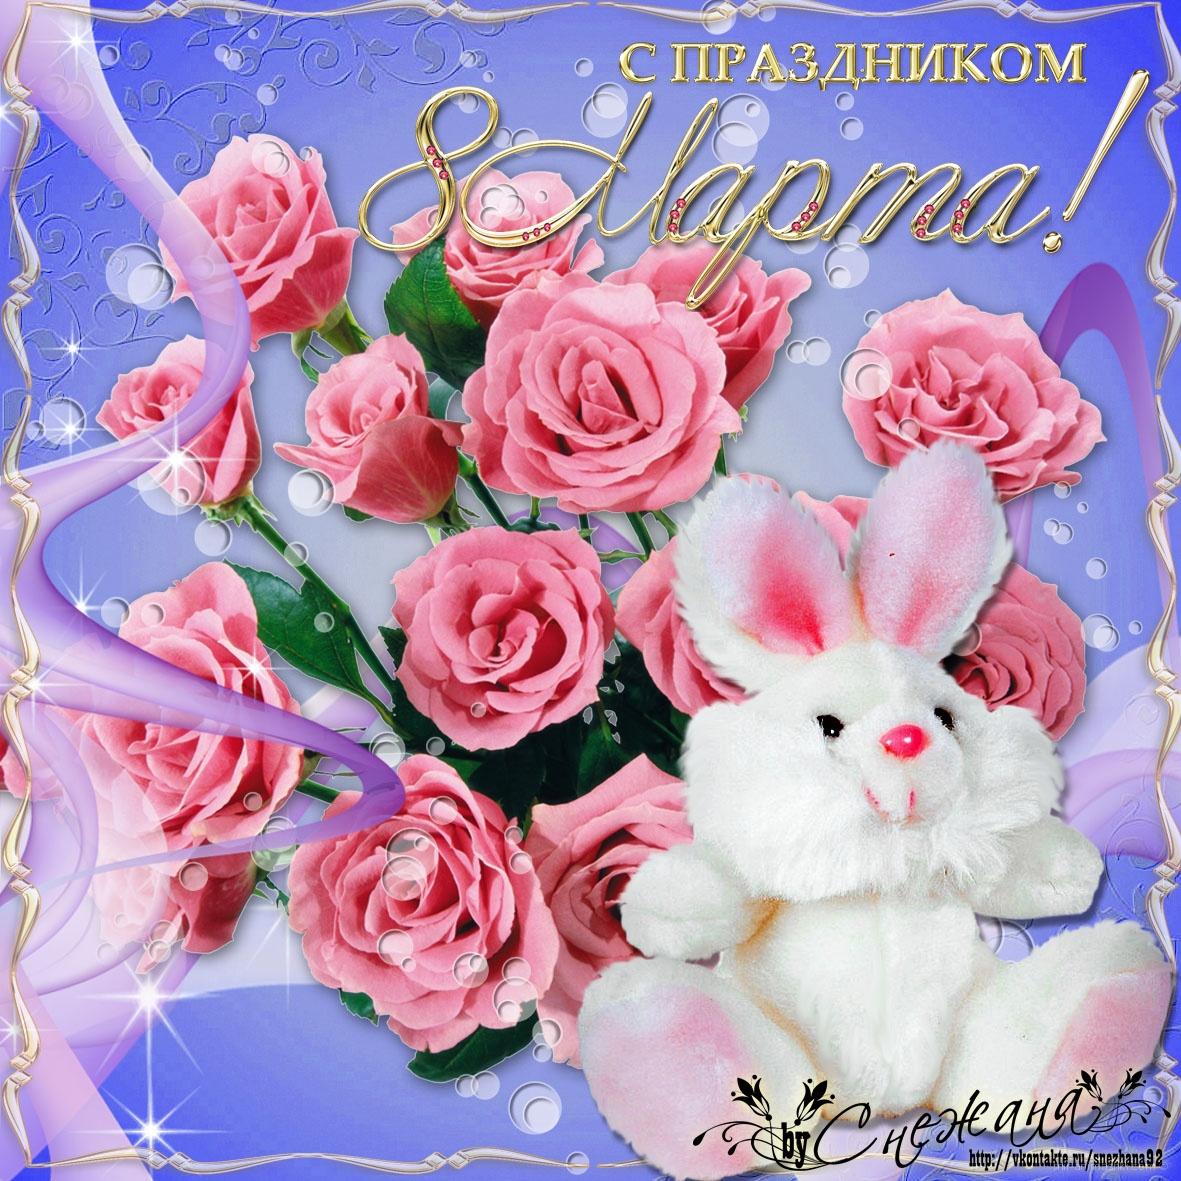 Поздравления на 8 марта - C 8 марта поздравительные картинки